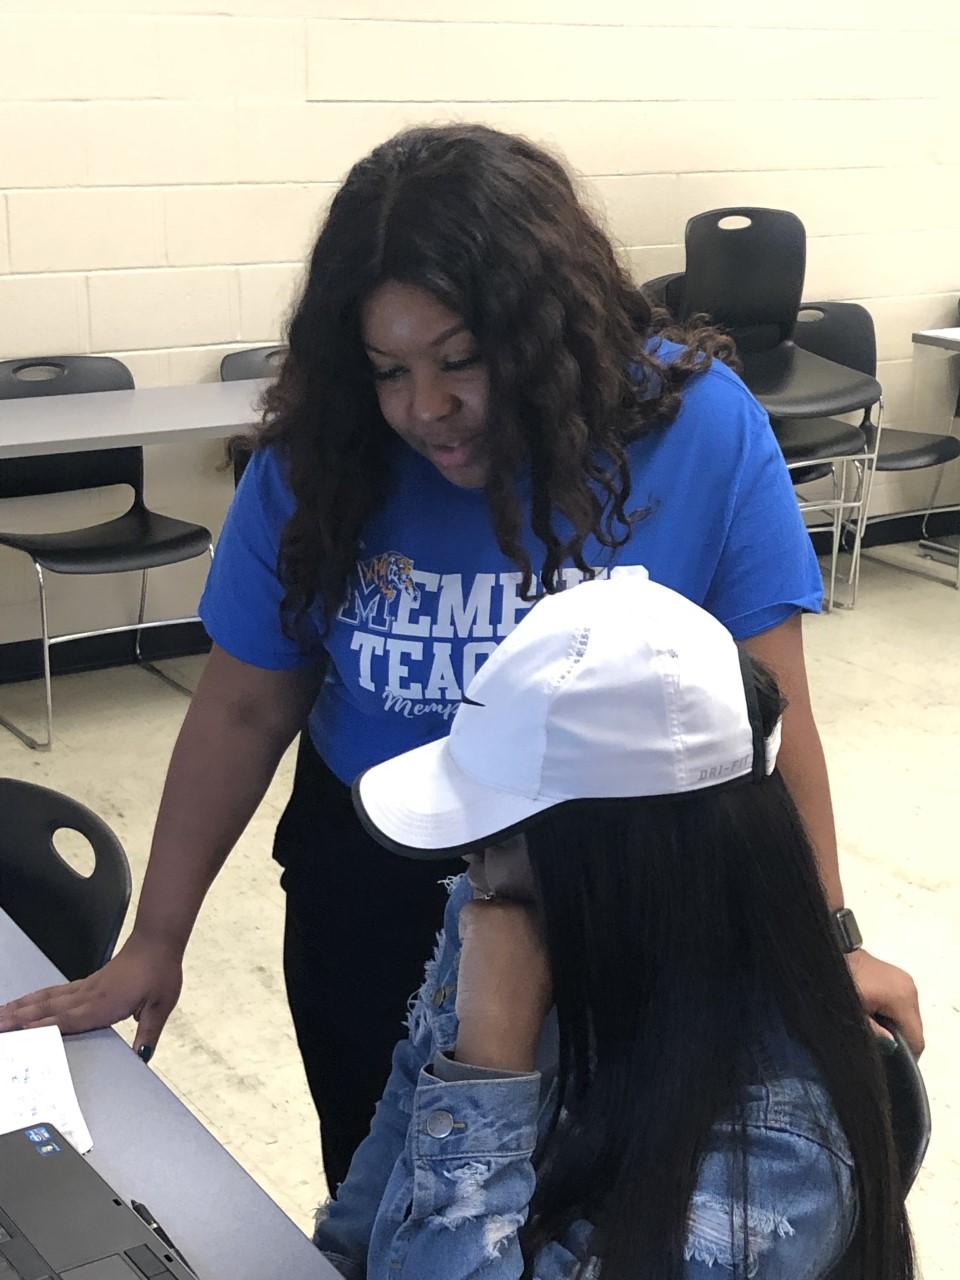 Registration station - advisor helping female student register